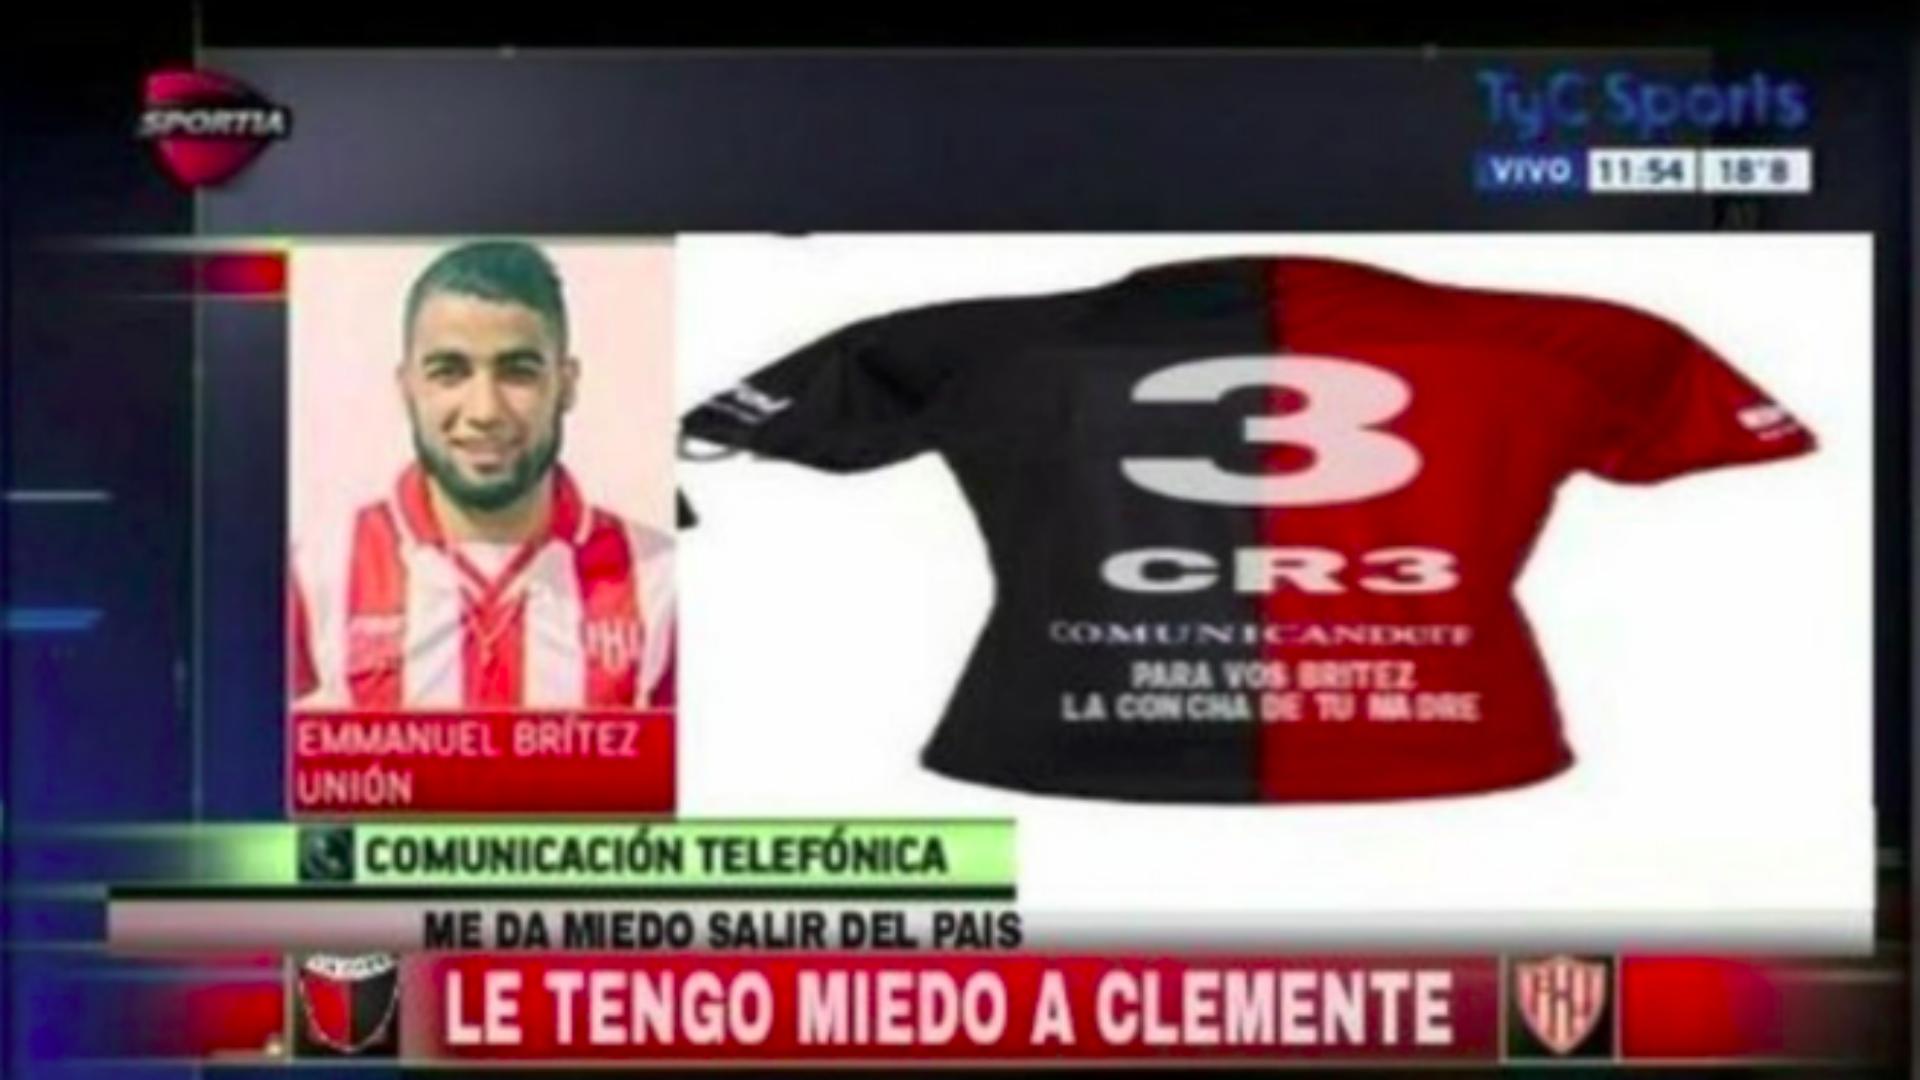 Escándalo en Santa Fe por un video de Clemente a Brítez